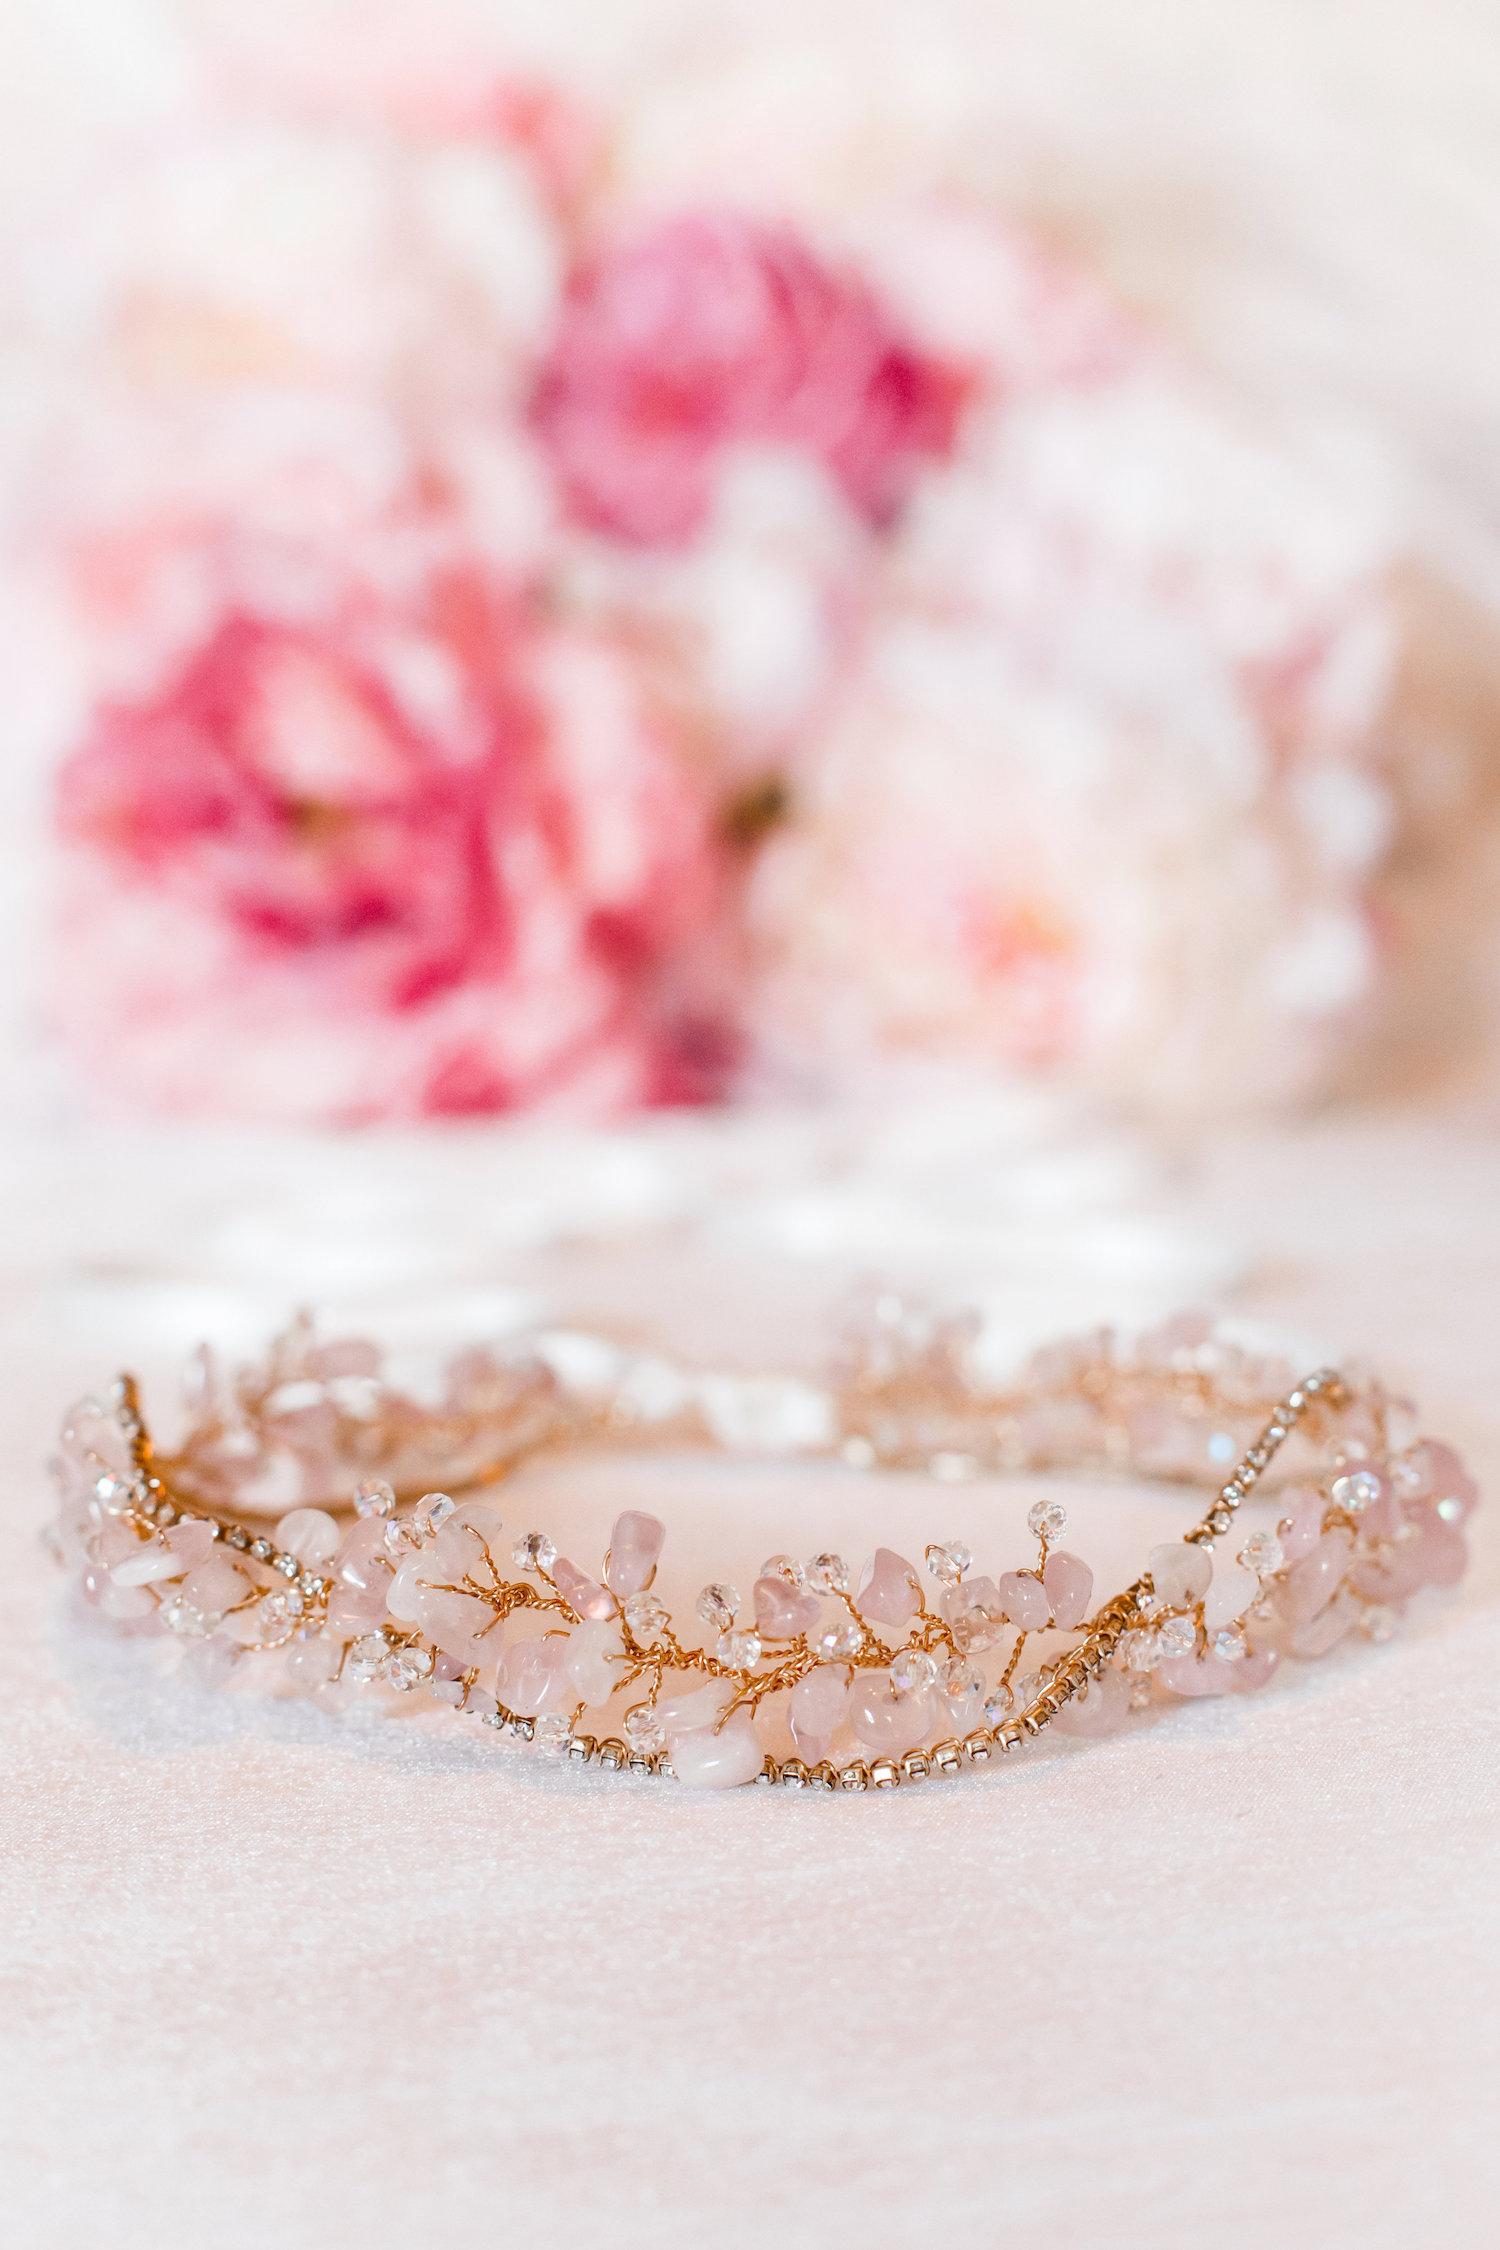 couture-bridal-accessories-090316-Fancy-Bowtique-2.jpg